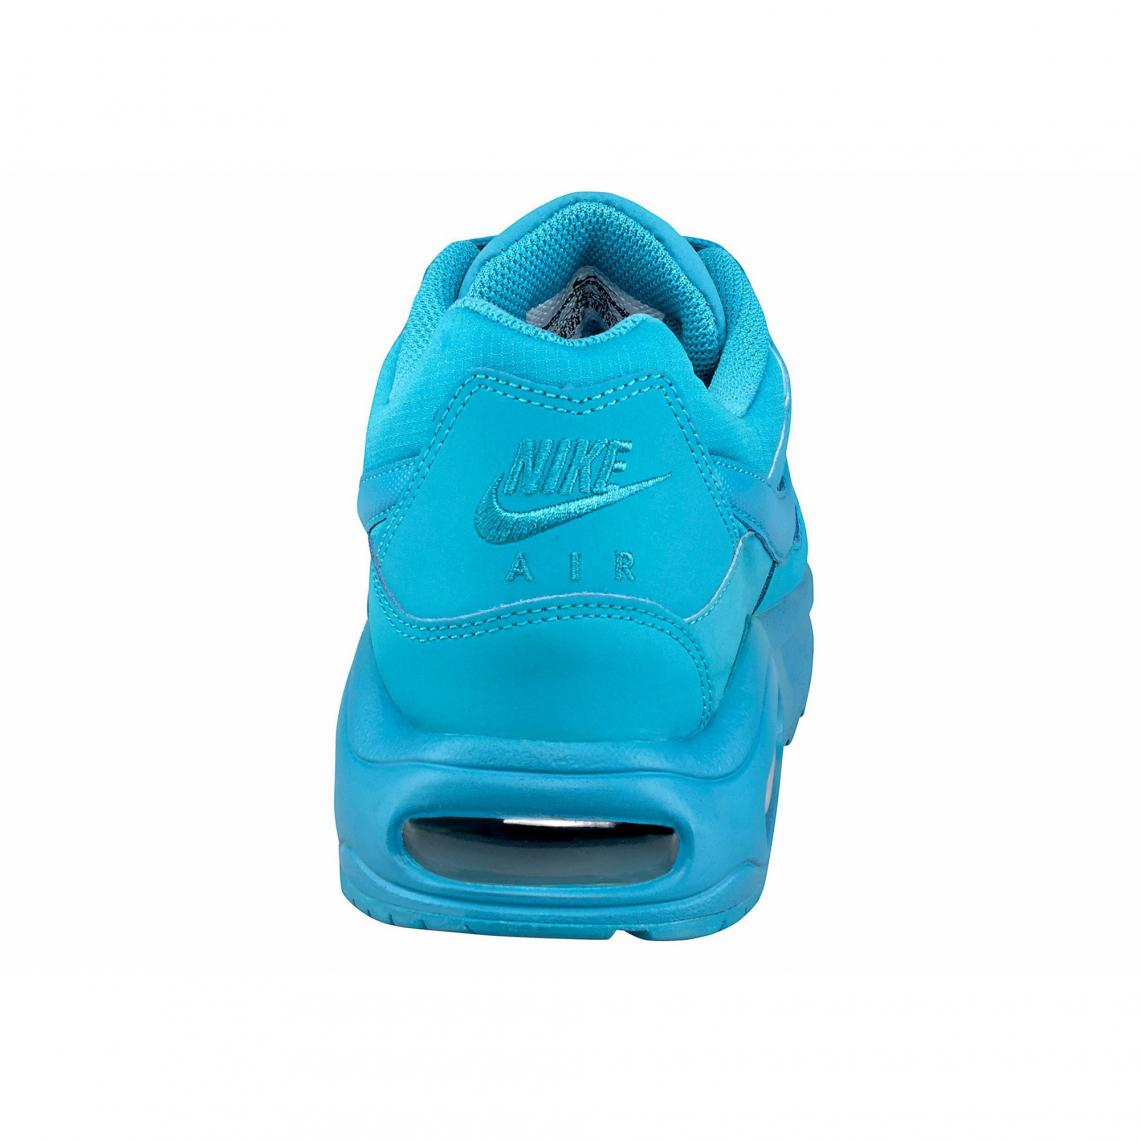 nike air max femme bleu turquoise